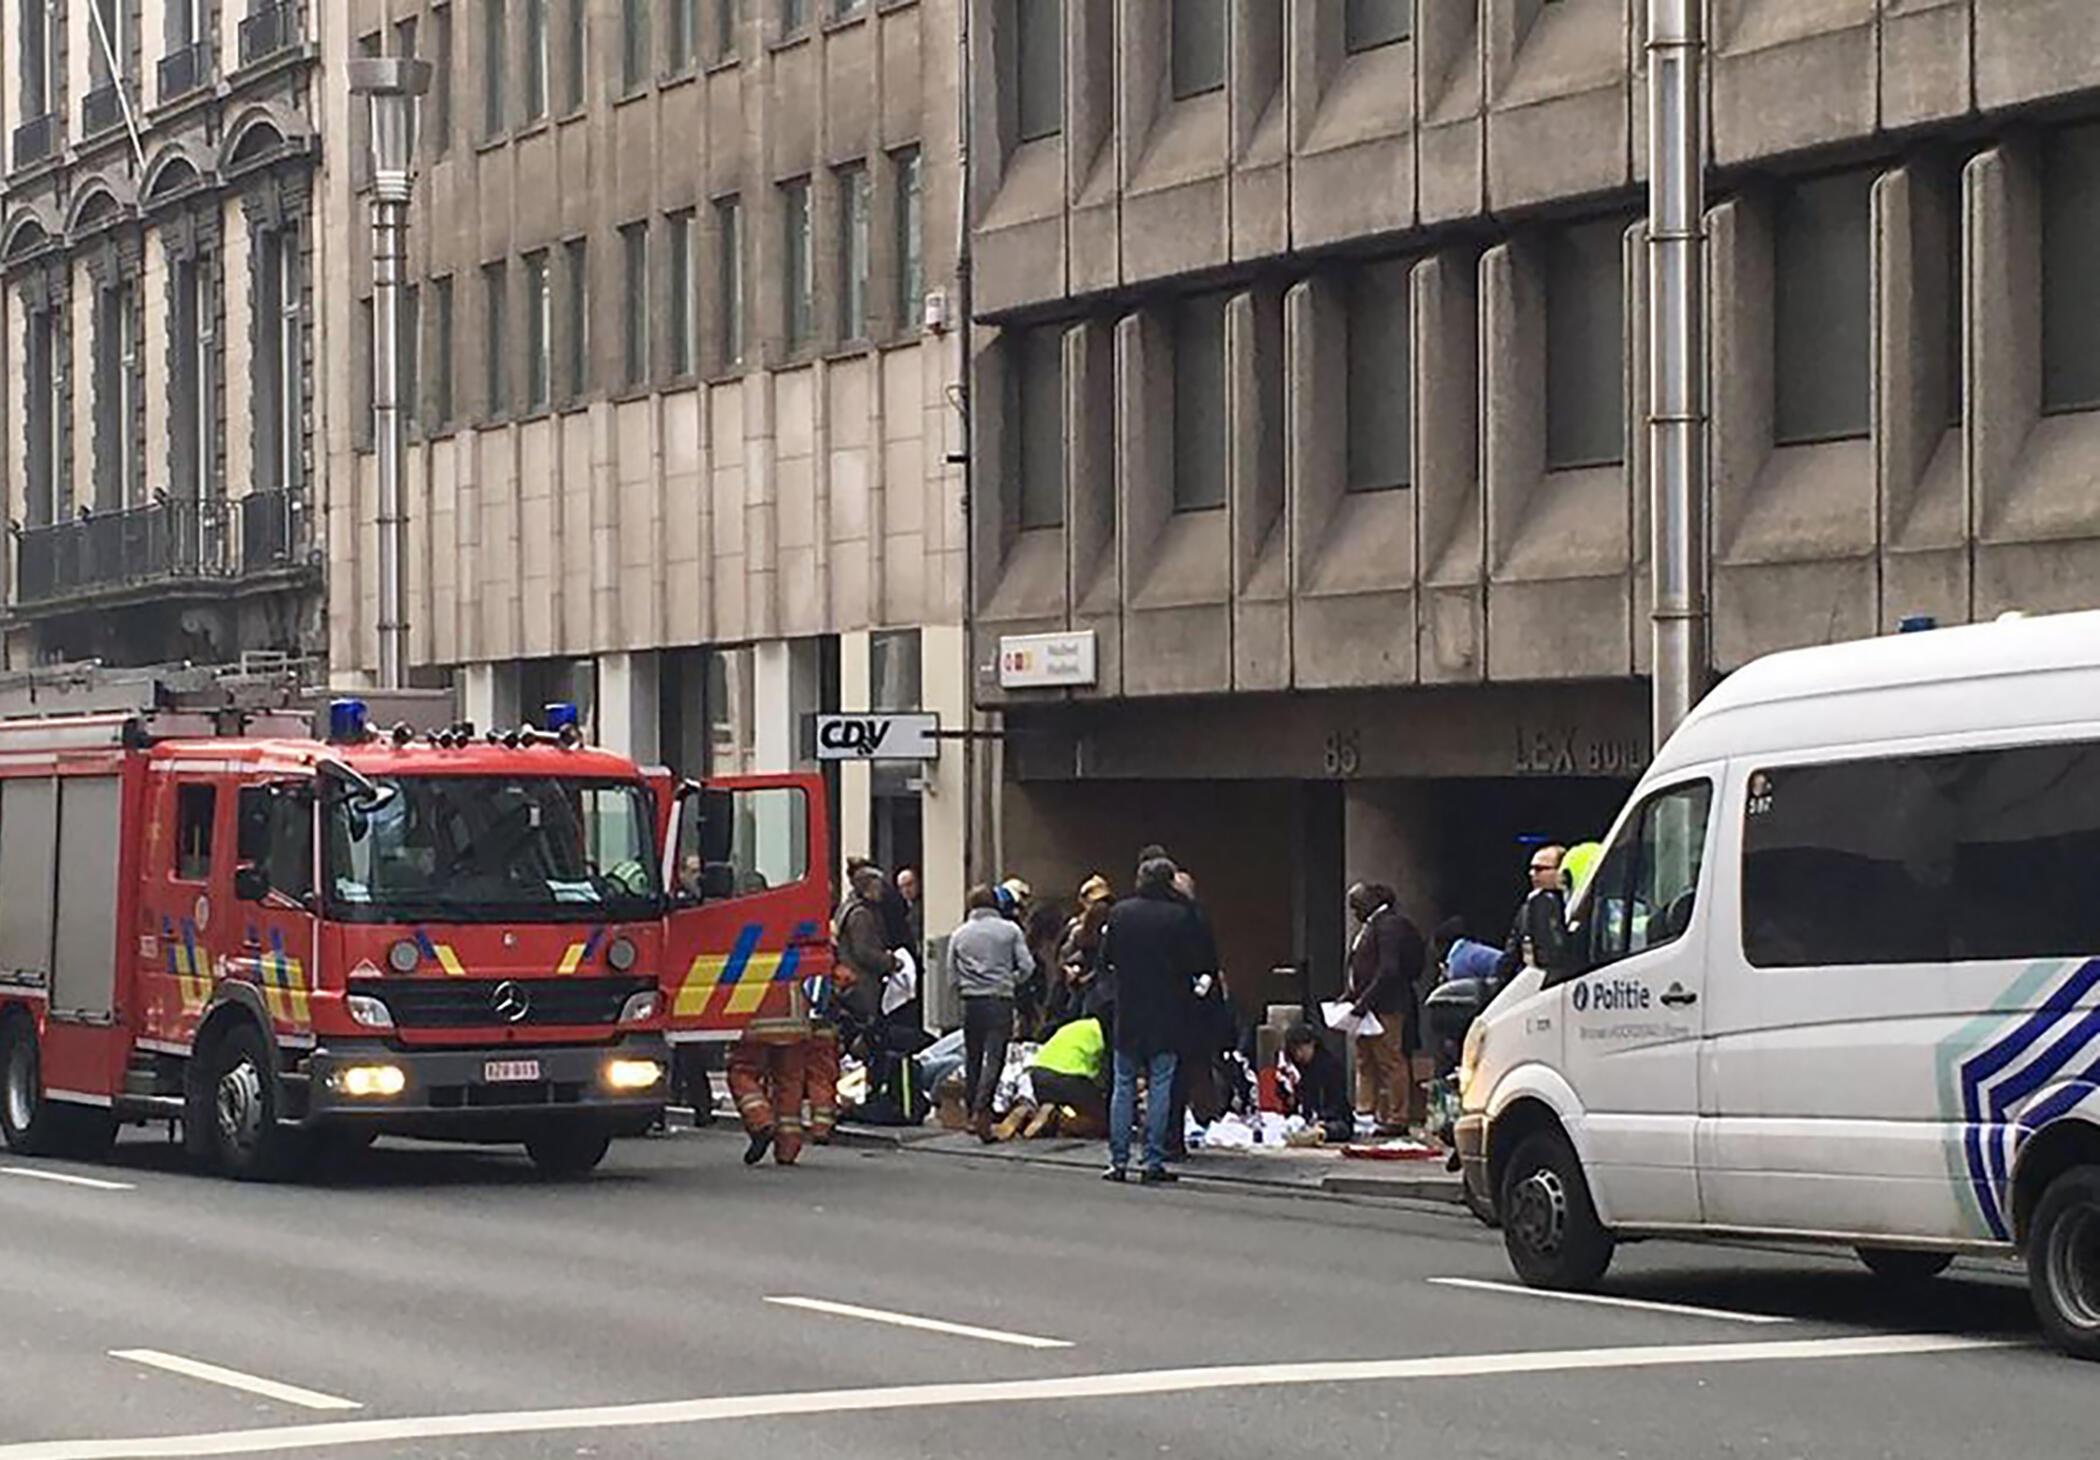 Les secours présents sur le site de l'explosion survenue dans le métro à la station de Maelbeek, à Bruxelles, le 22 mars 2016.